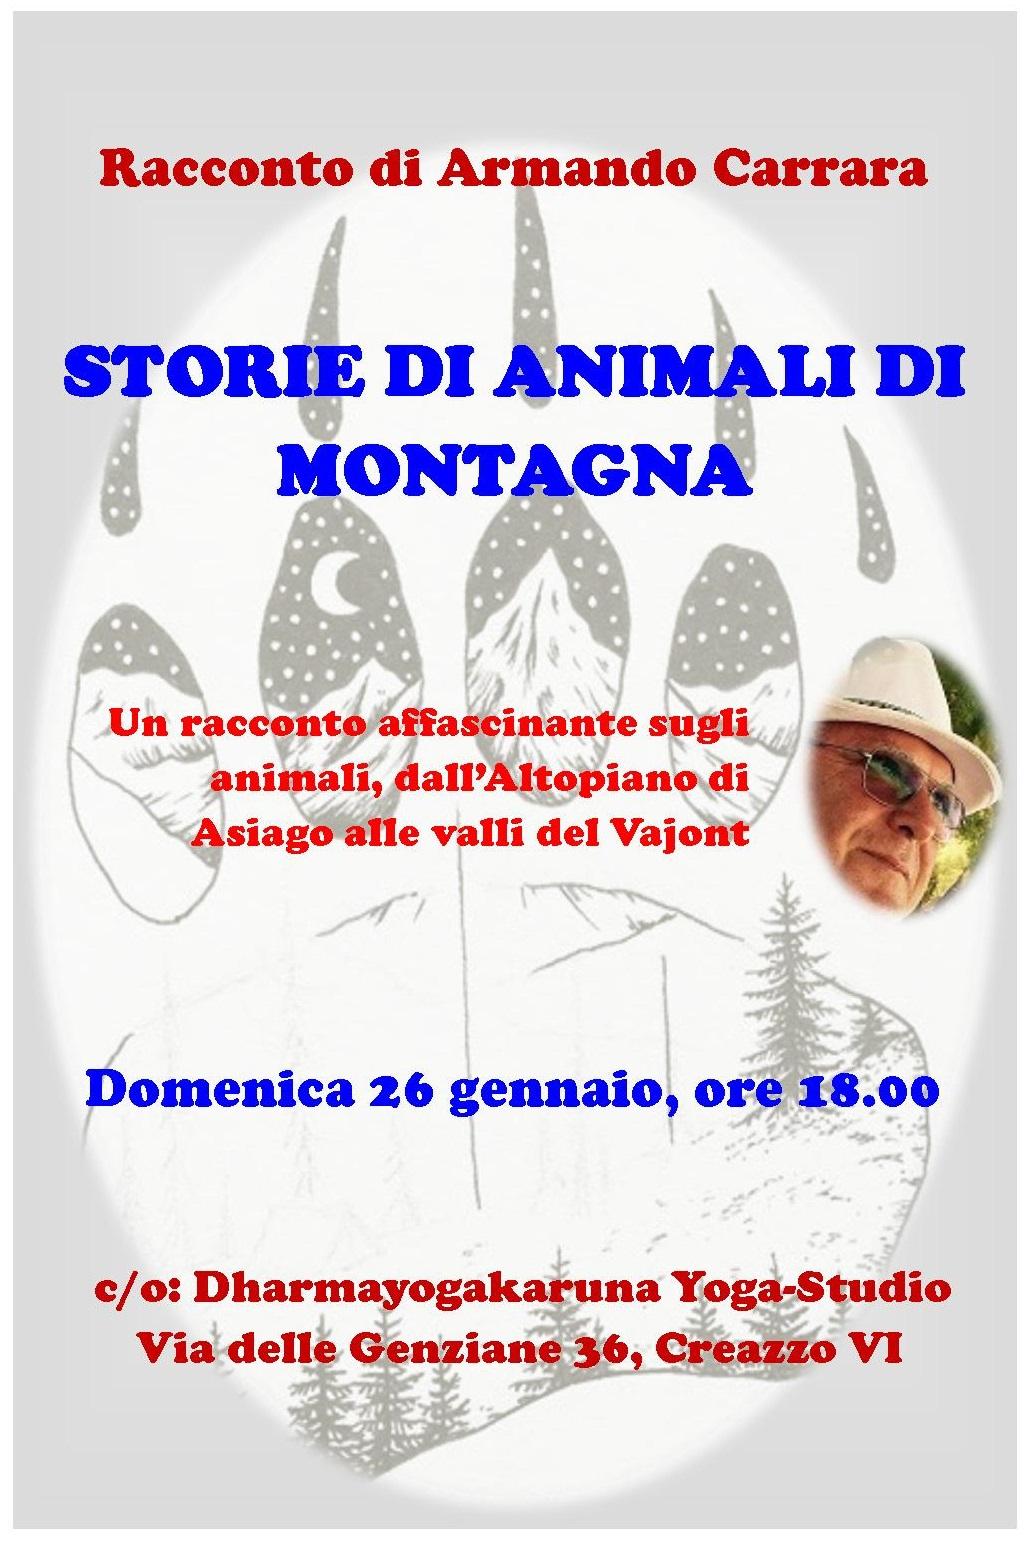 Evento Culturale: STORIE DI ANIMALI DI MONTAGNA, racconto di Armando Carrara